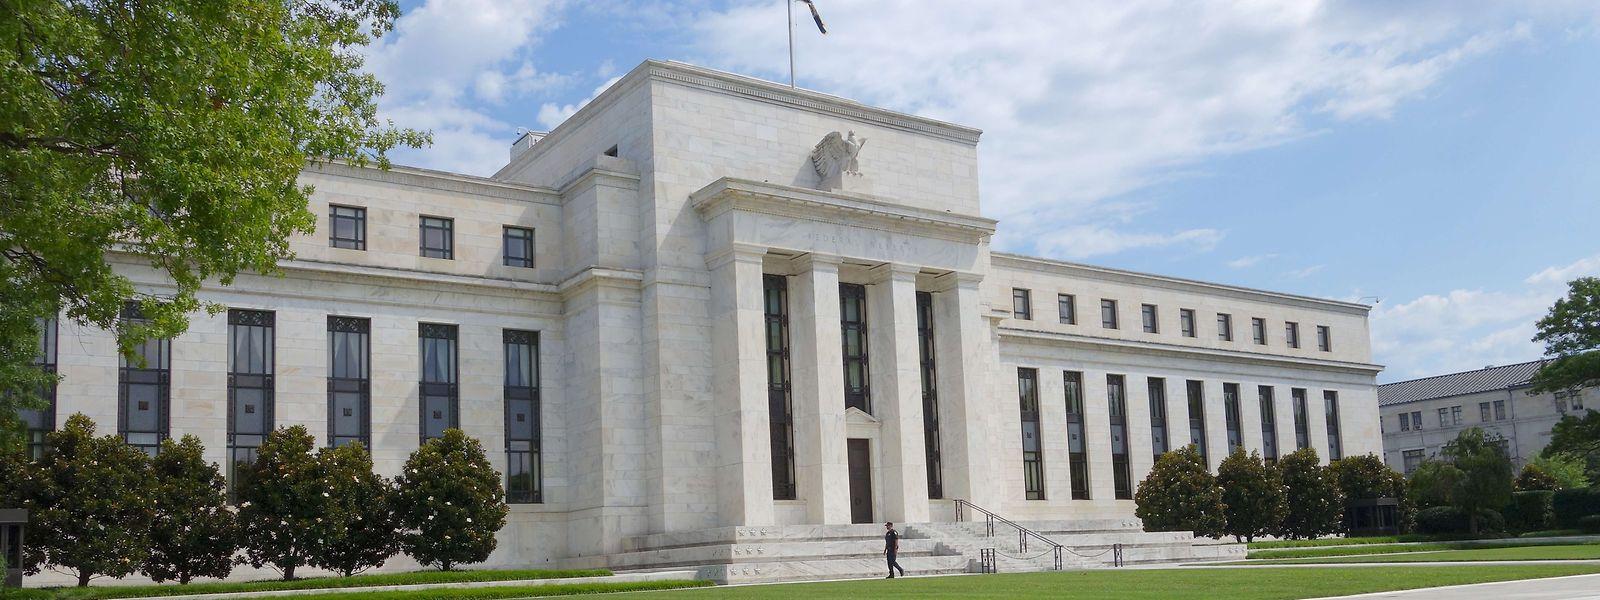 Die Geldpolitik in der größten Volkswirtschaft der Welt wird auf dem ganzen Erdball mit Spannung verfolgt.